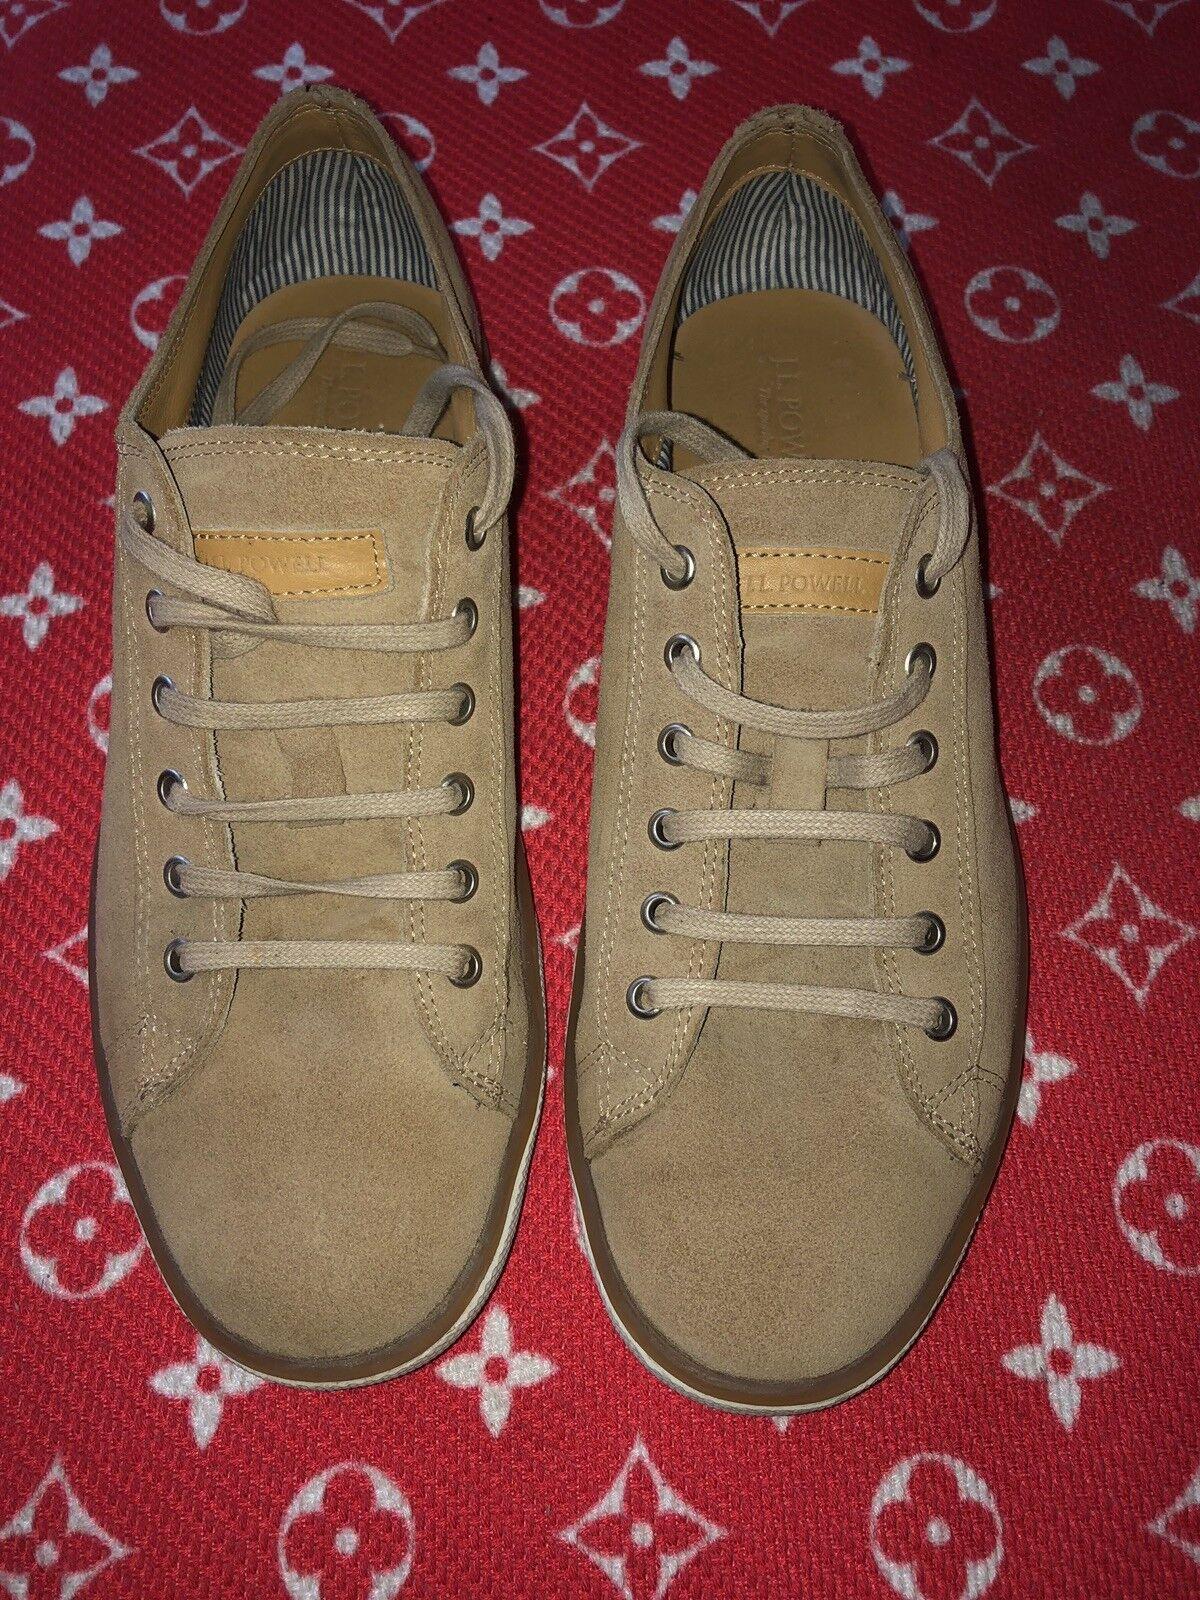 J.L. Powell Mens Suede shoes Beige Size 12